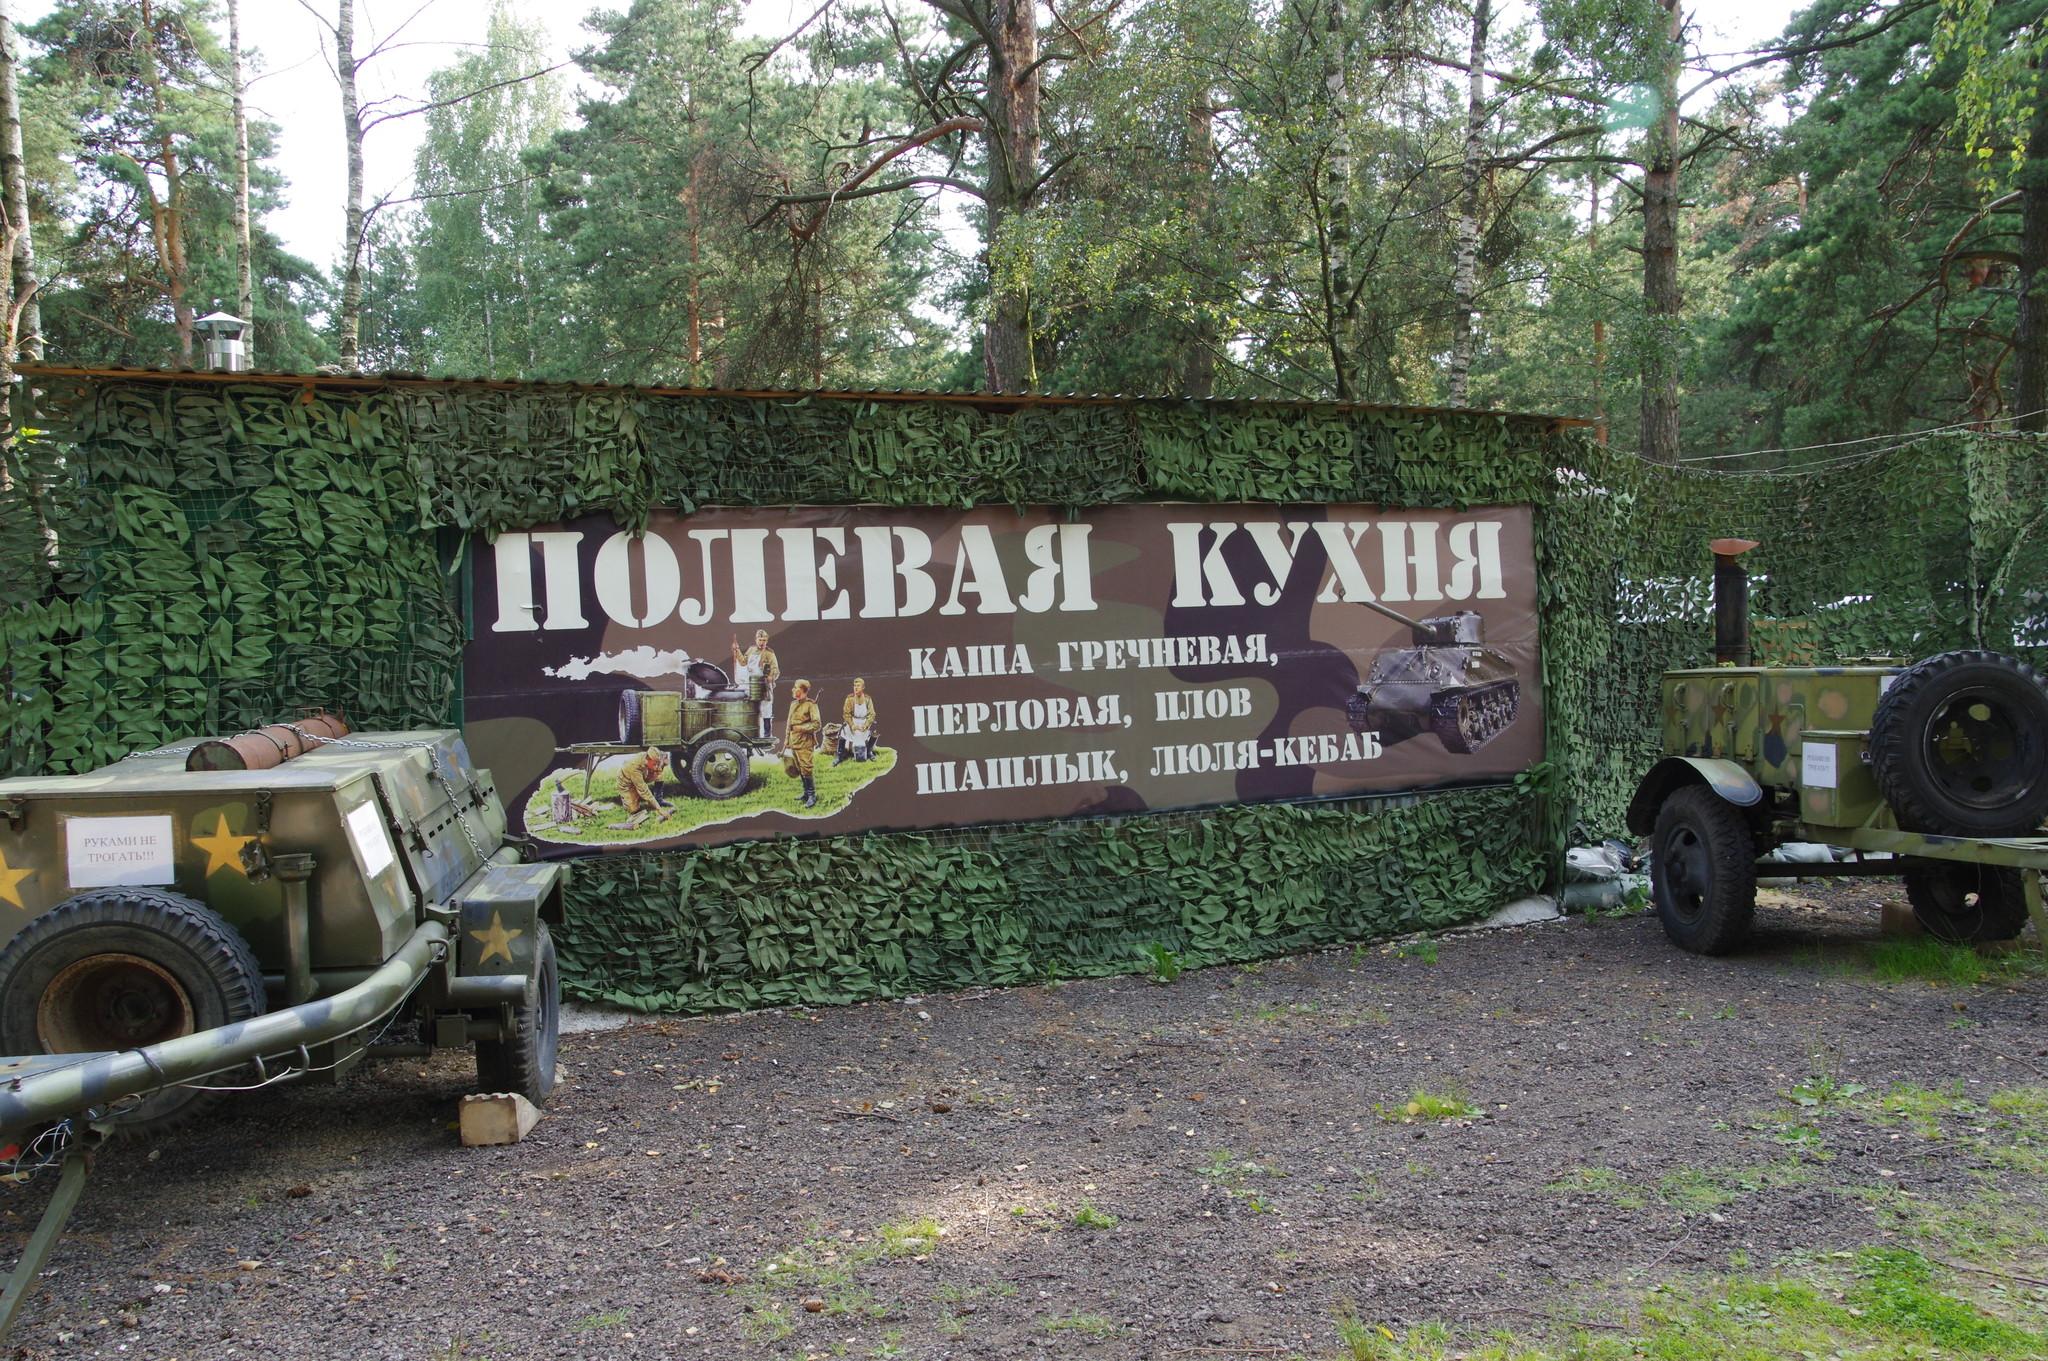 Полевая кухня (Ленино-Снегиревский военно-исторический музей)